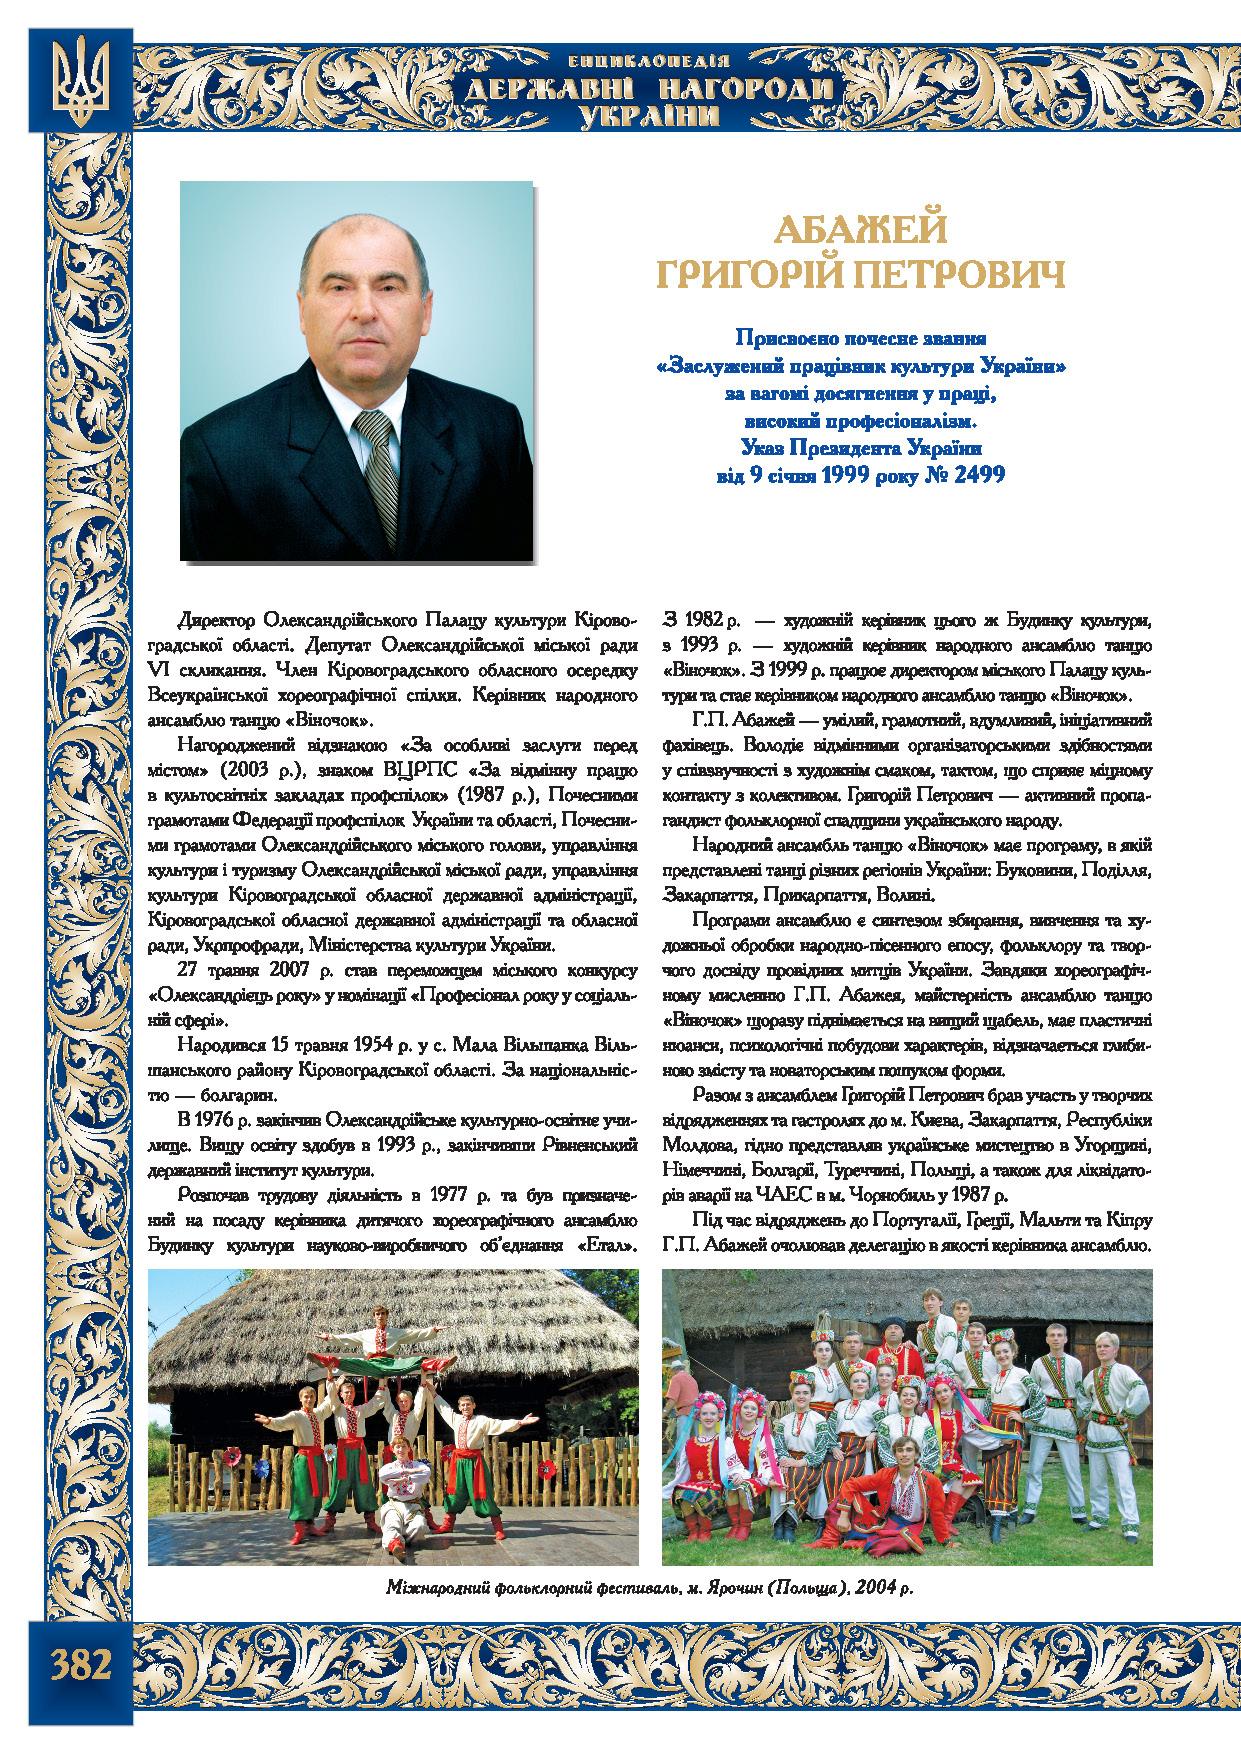 Абажей Григорій Петрович